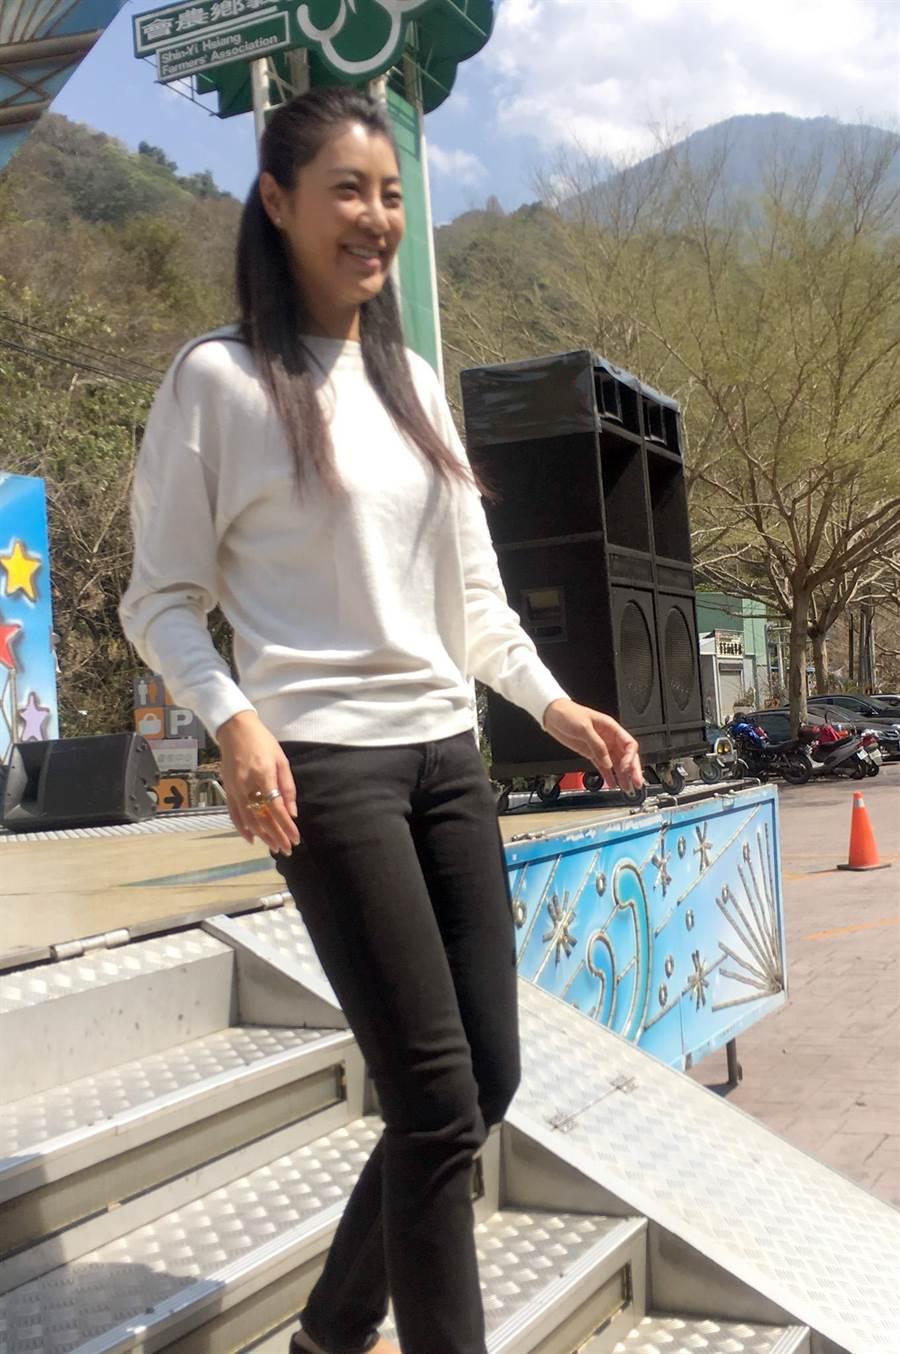 許淑華被媒體形容為「逆天長腿」。(沈揮勝攝)